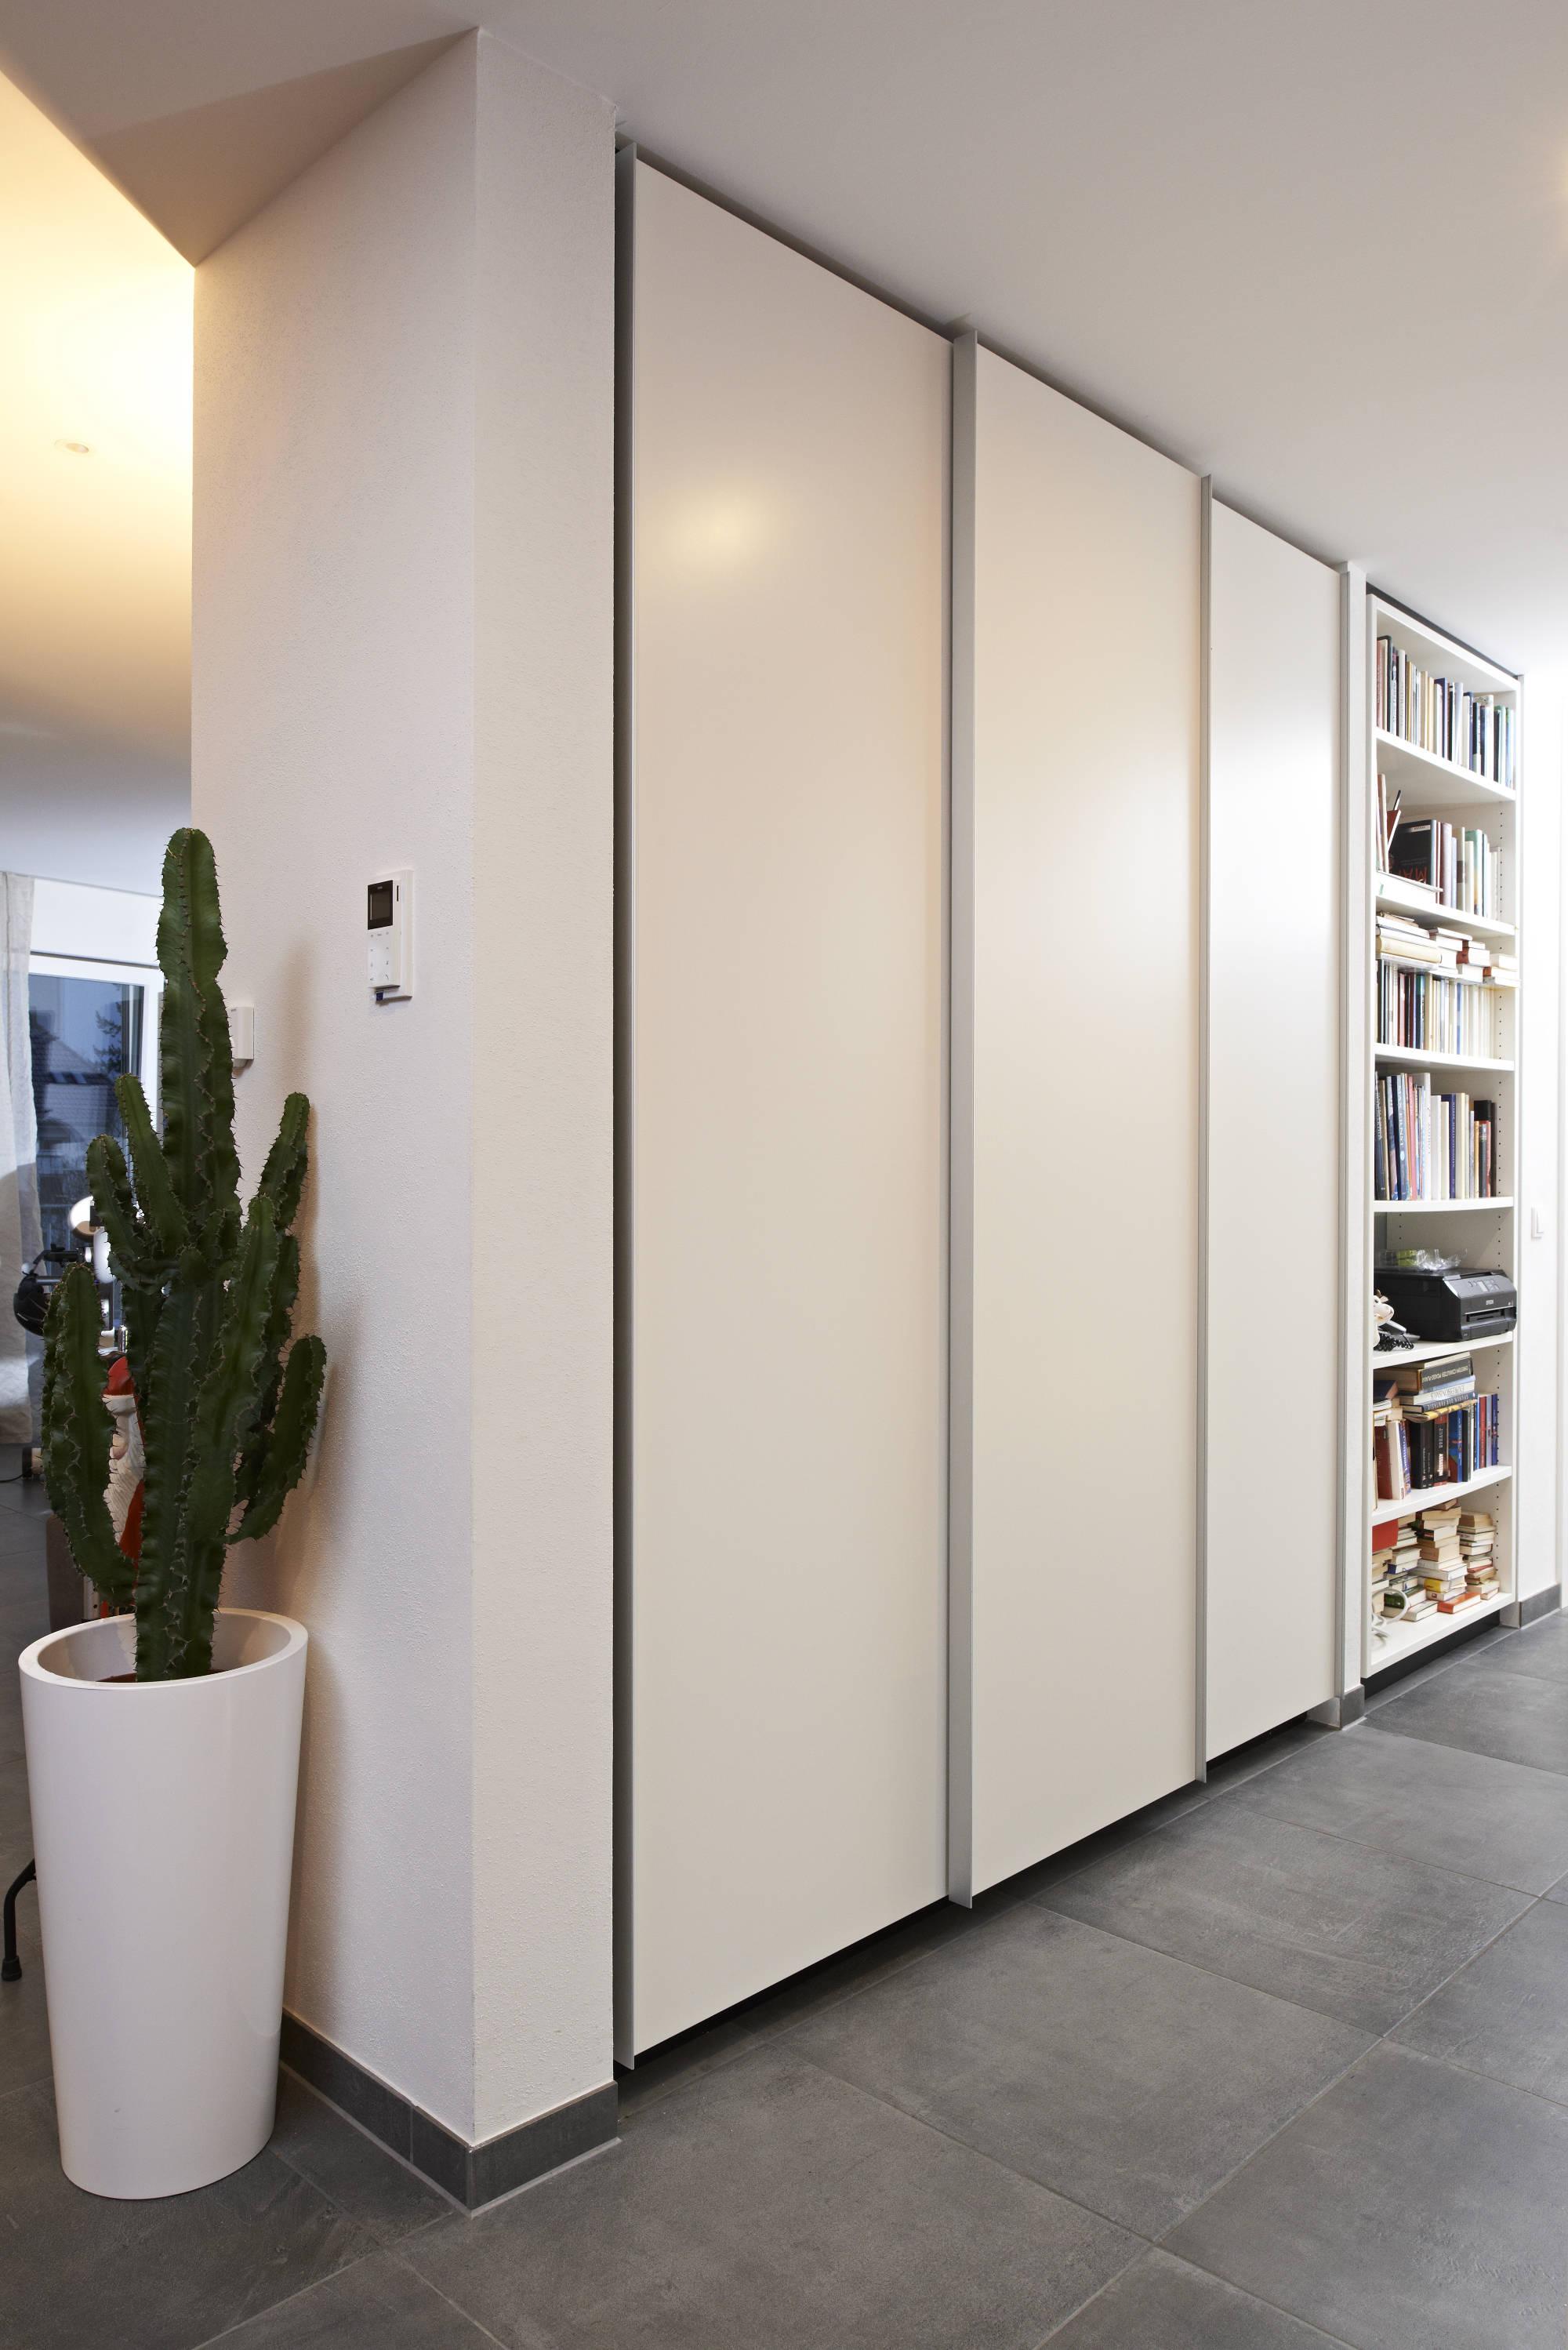 Exquisit Möbel Für Den Flur Foto Von Der Wandschrank Verfügt über Schiebetüren Mit Alu-griffleisten